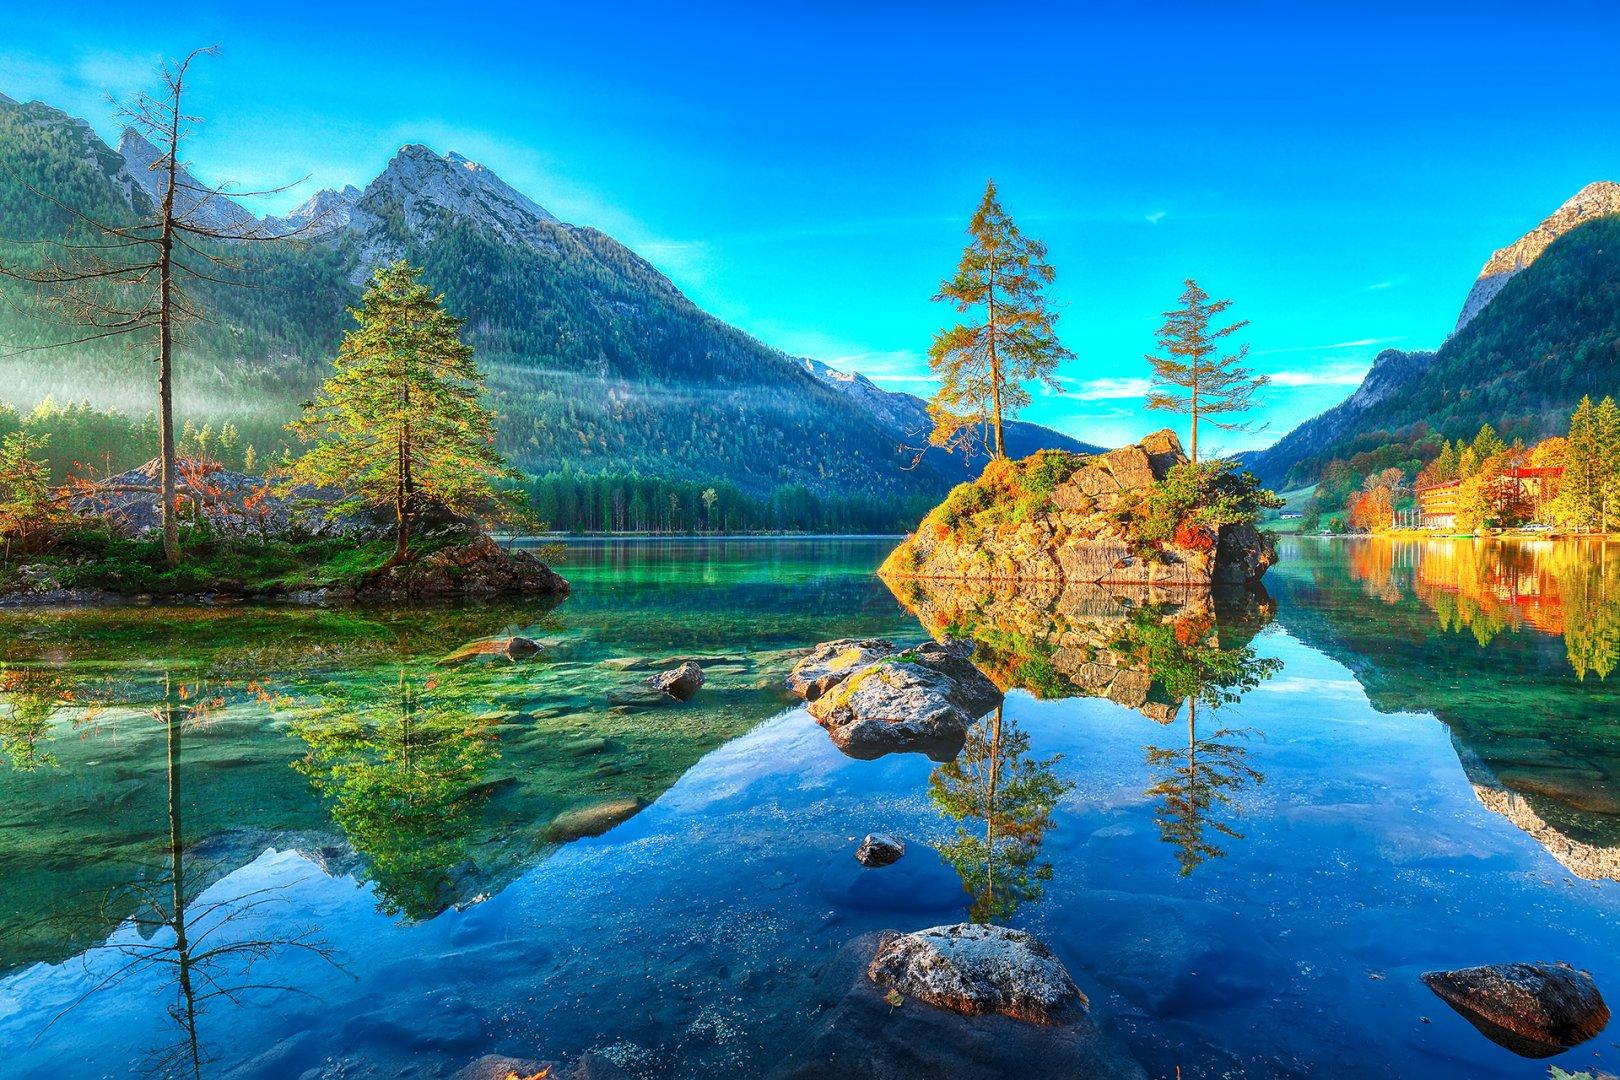 HDR Fotoğraf Örneği Manzarası Mavi.jpg